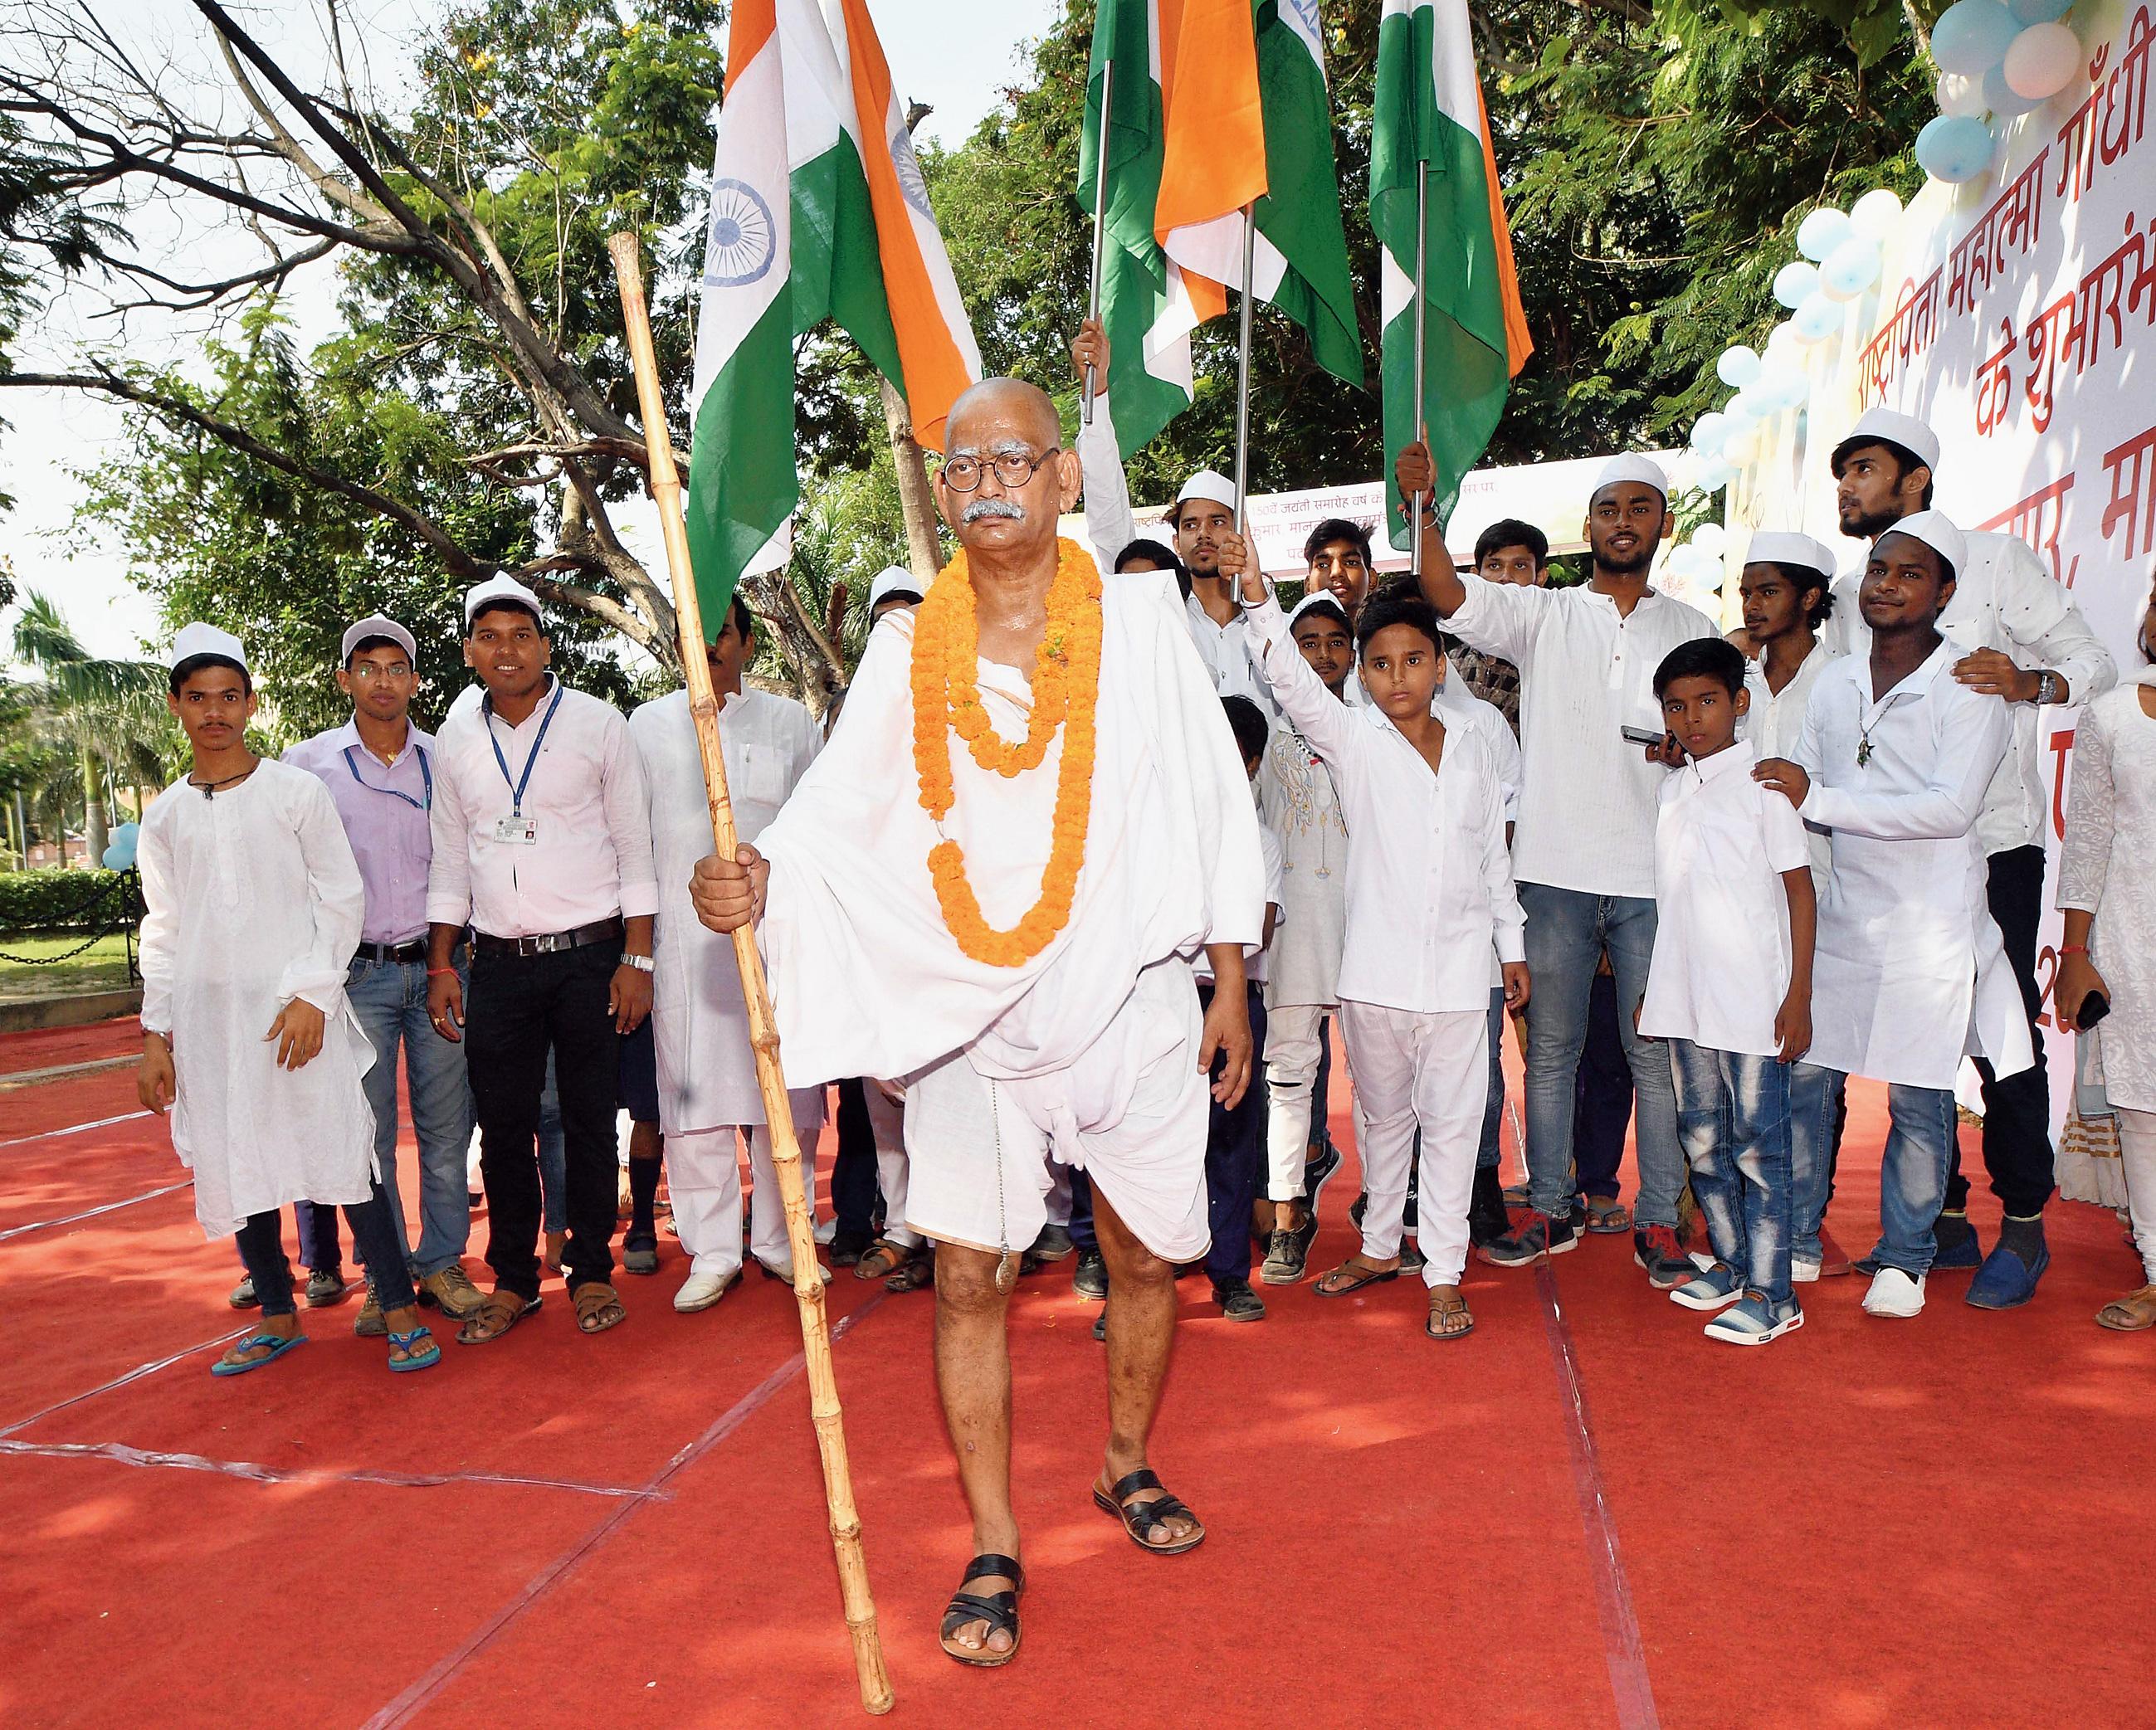 Suresh Kumar Hajju enacts a play on Mahatma Gandhi at Gandhi Maidan on Tuesday.